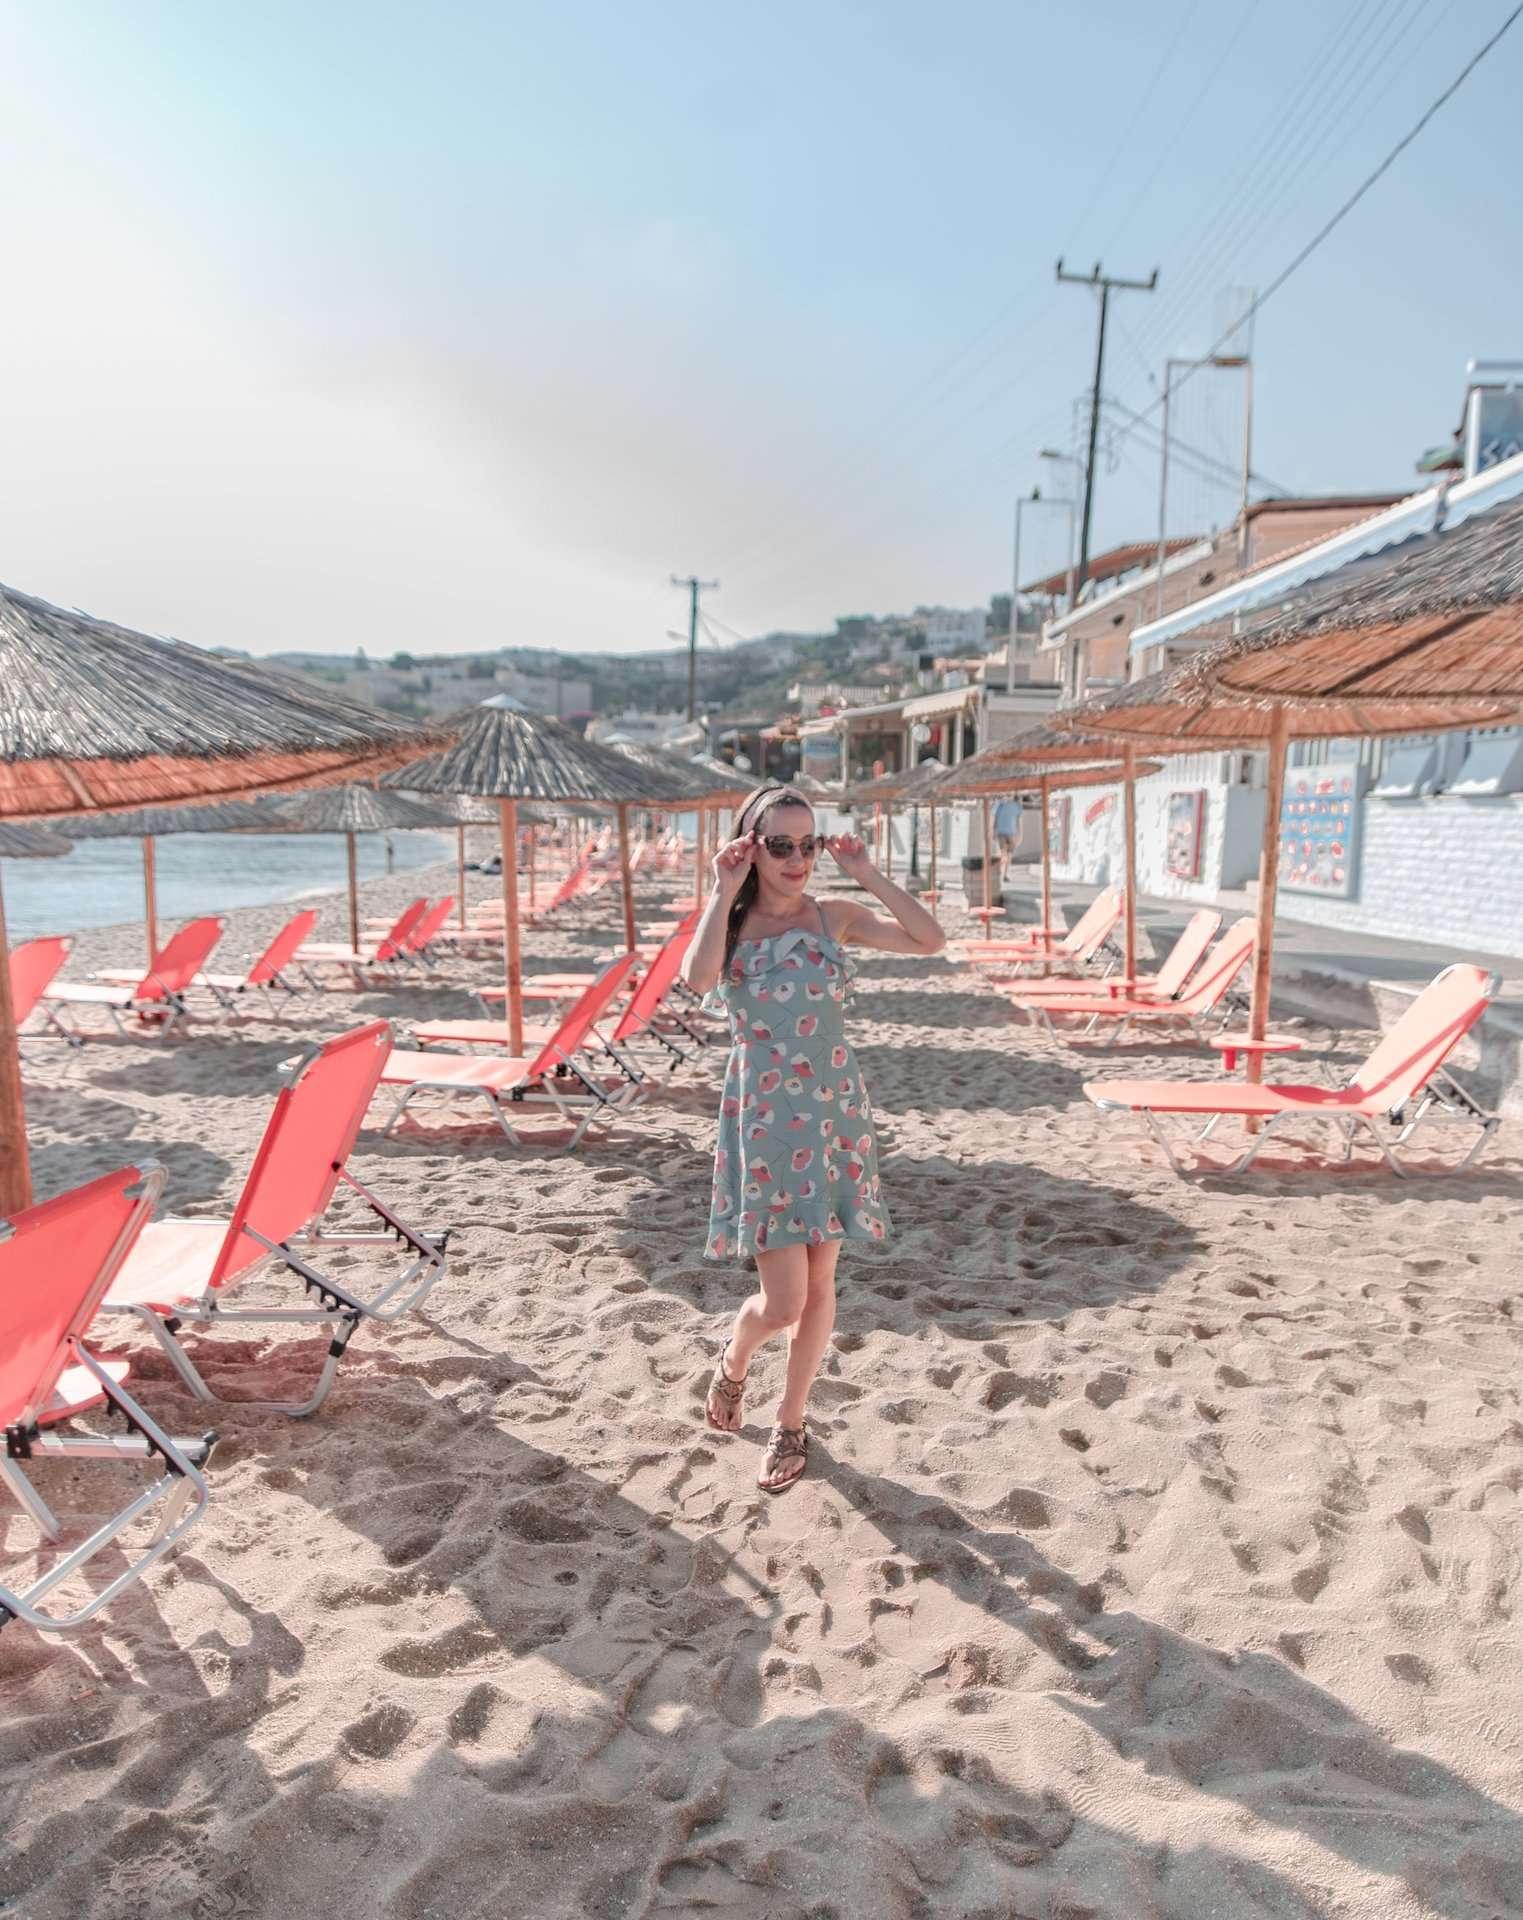 Agia Pelagia Beach, Crete